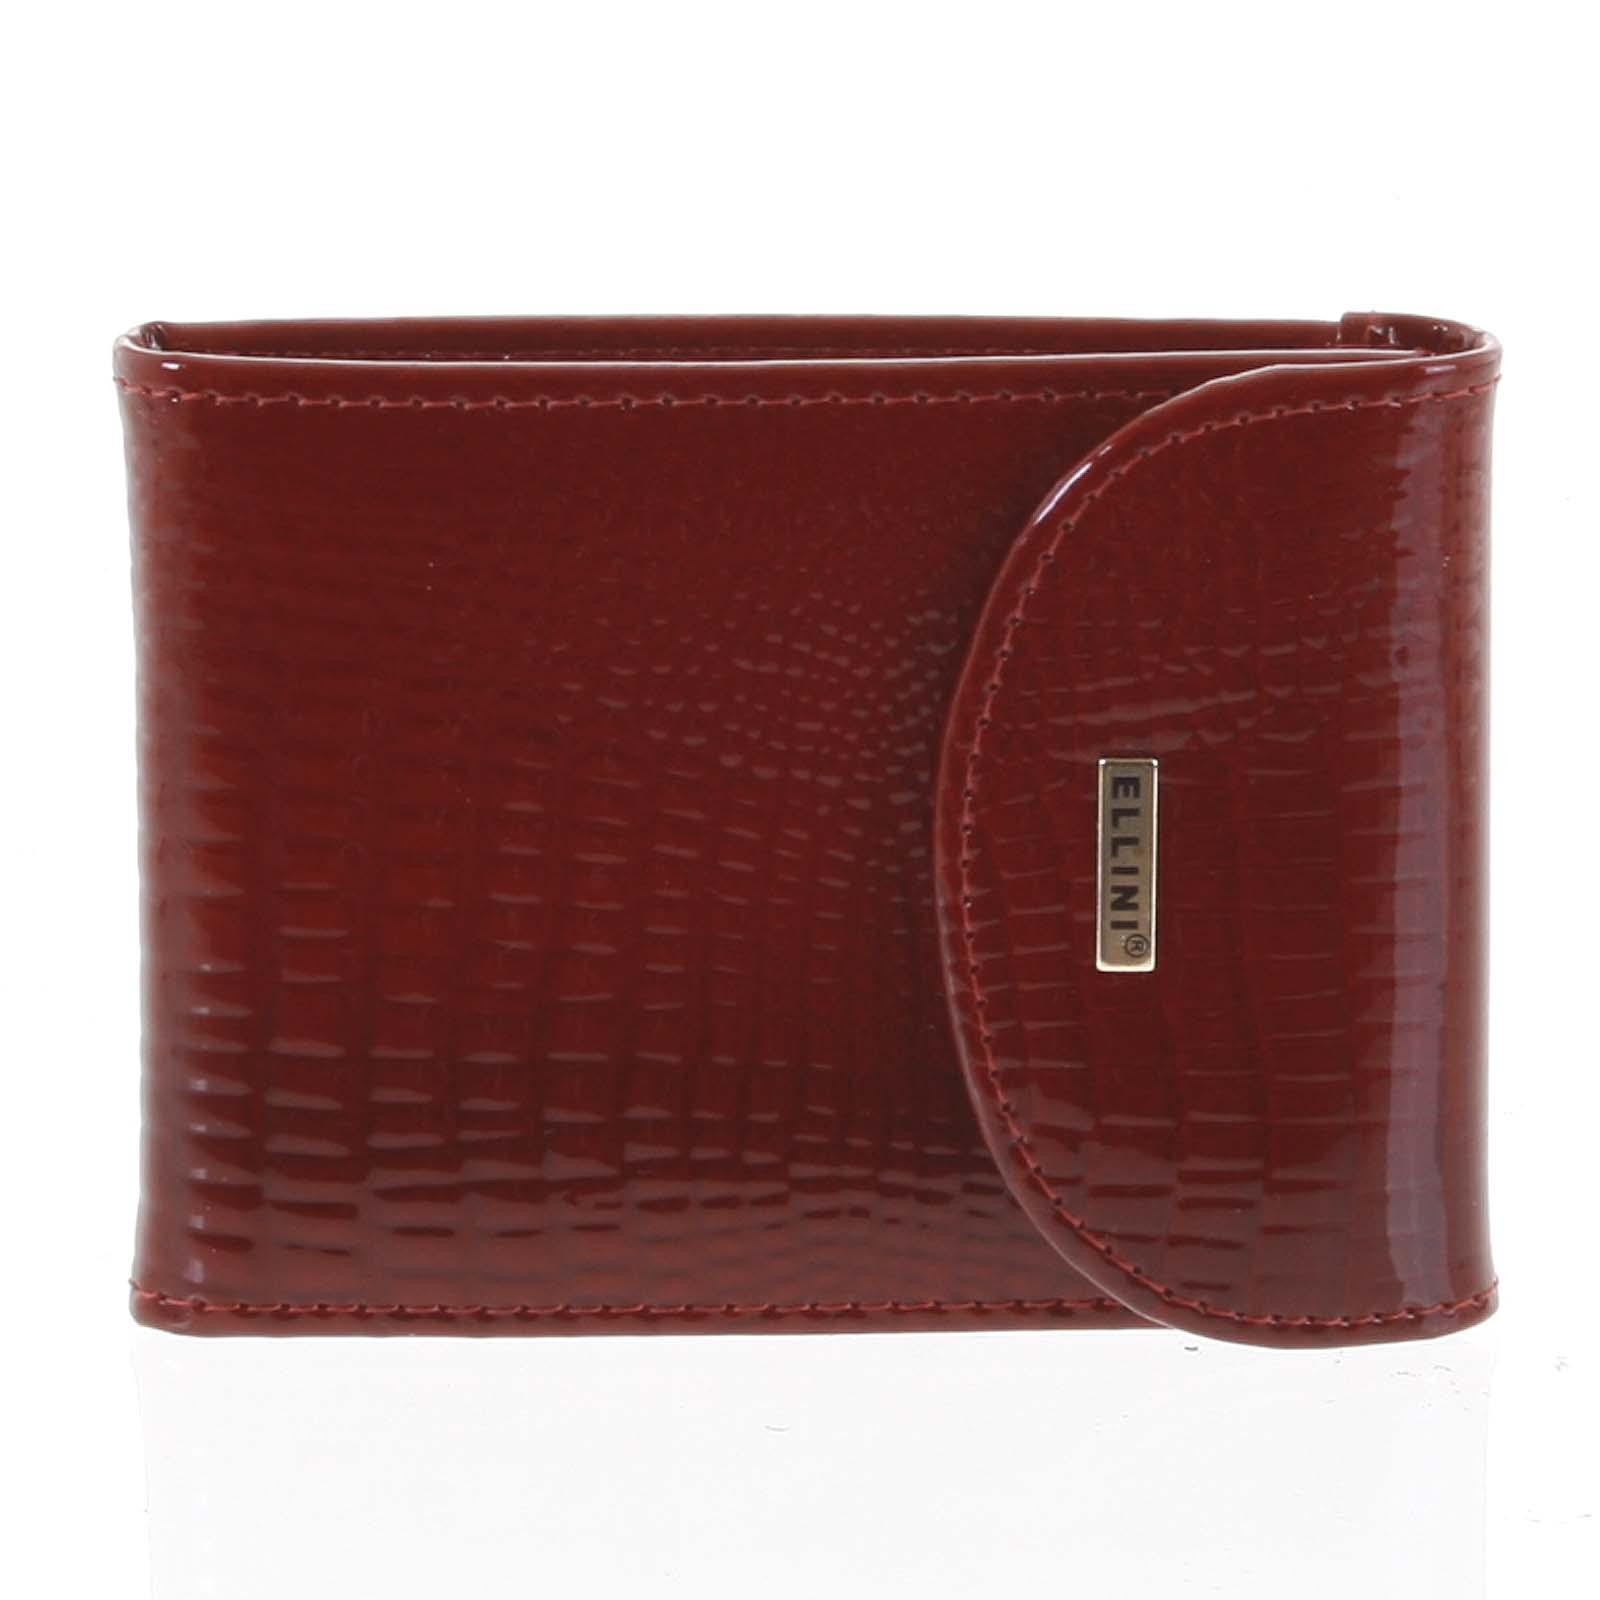 Luxusné kožené puzdro na kreditné karty červené - Ellini Cher